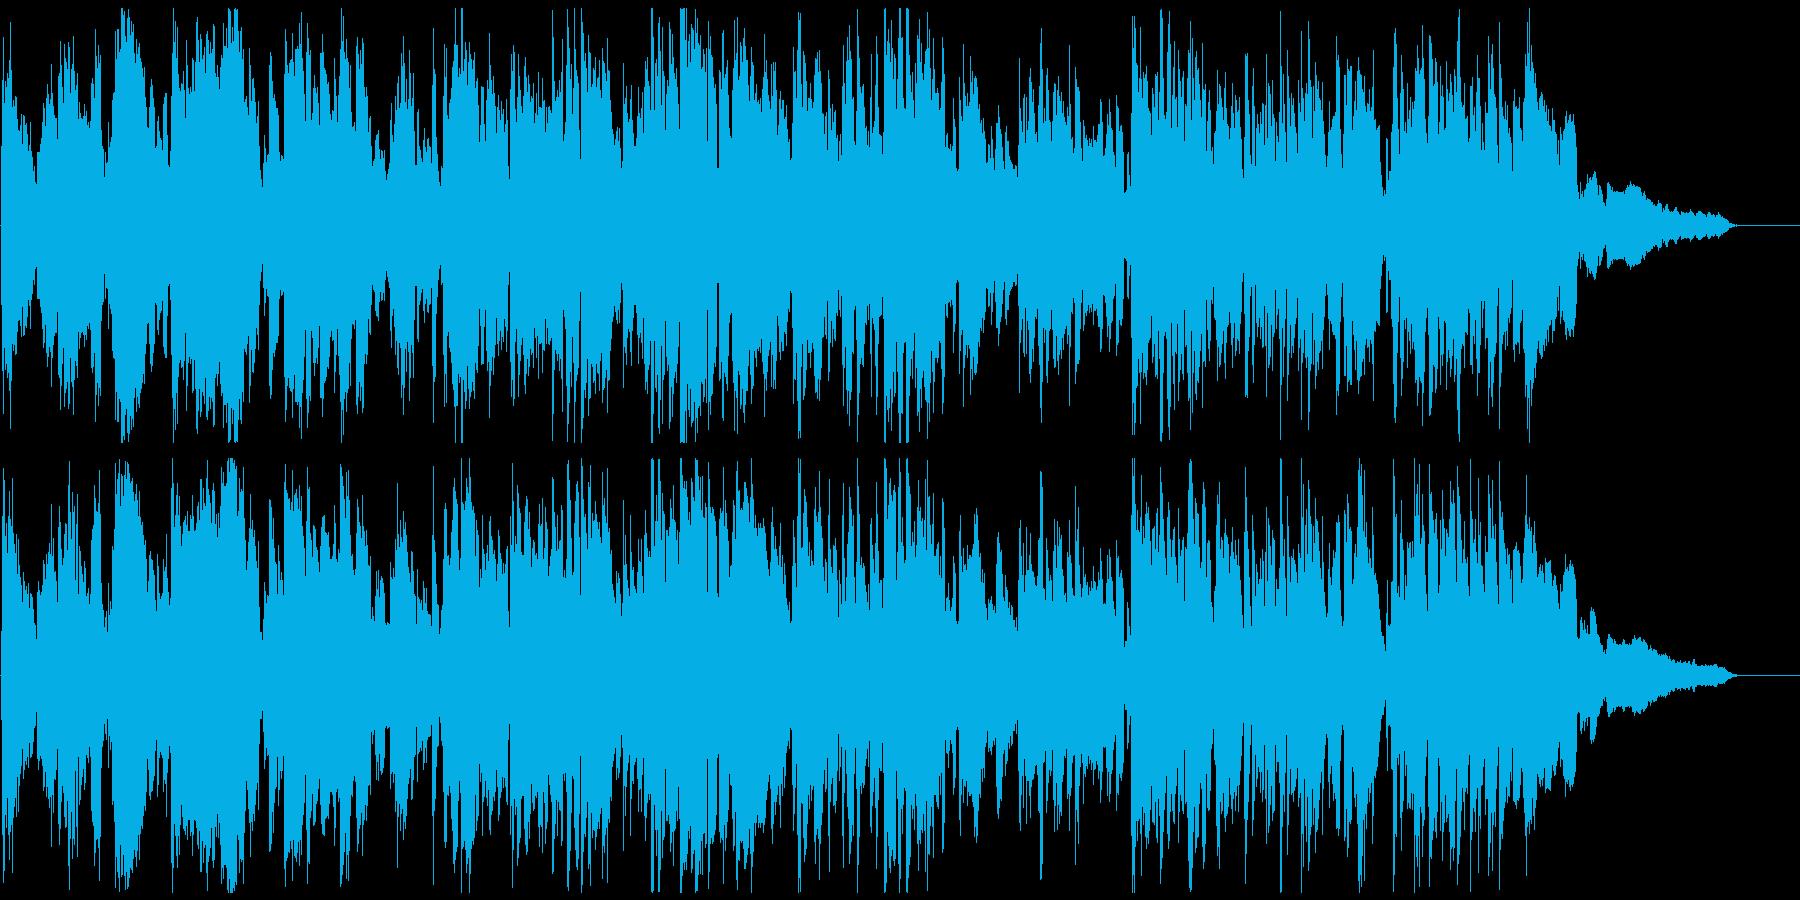 テンポ早め、わくわくするジャズ※60秒版の再生済みの波形